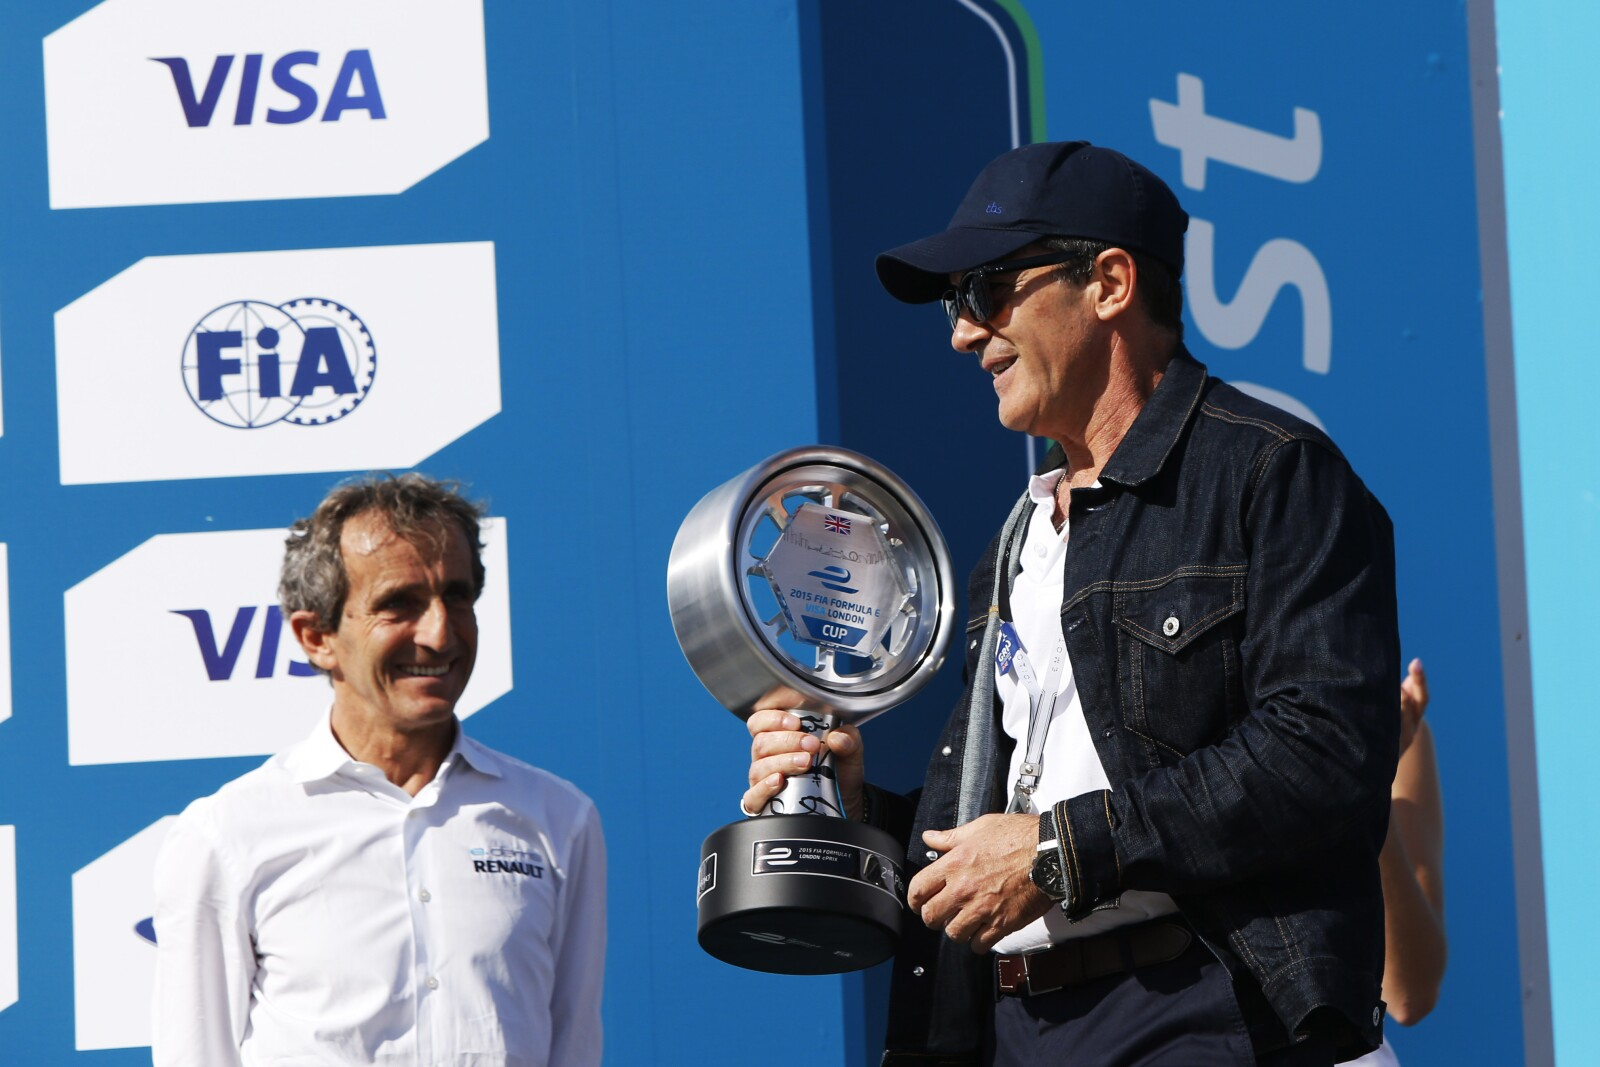 Antonio Banderas Londres E Prix.JPG